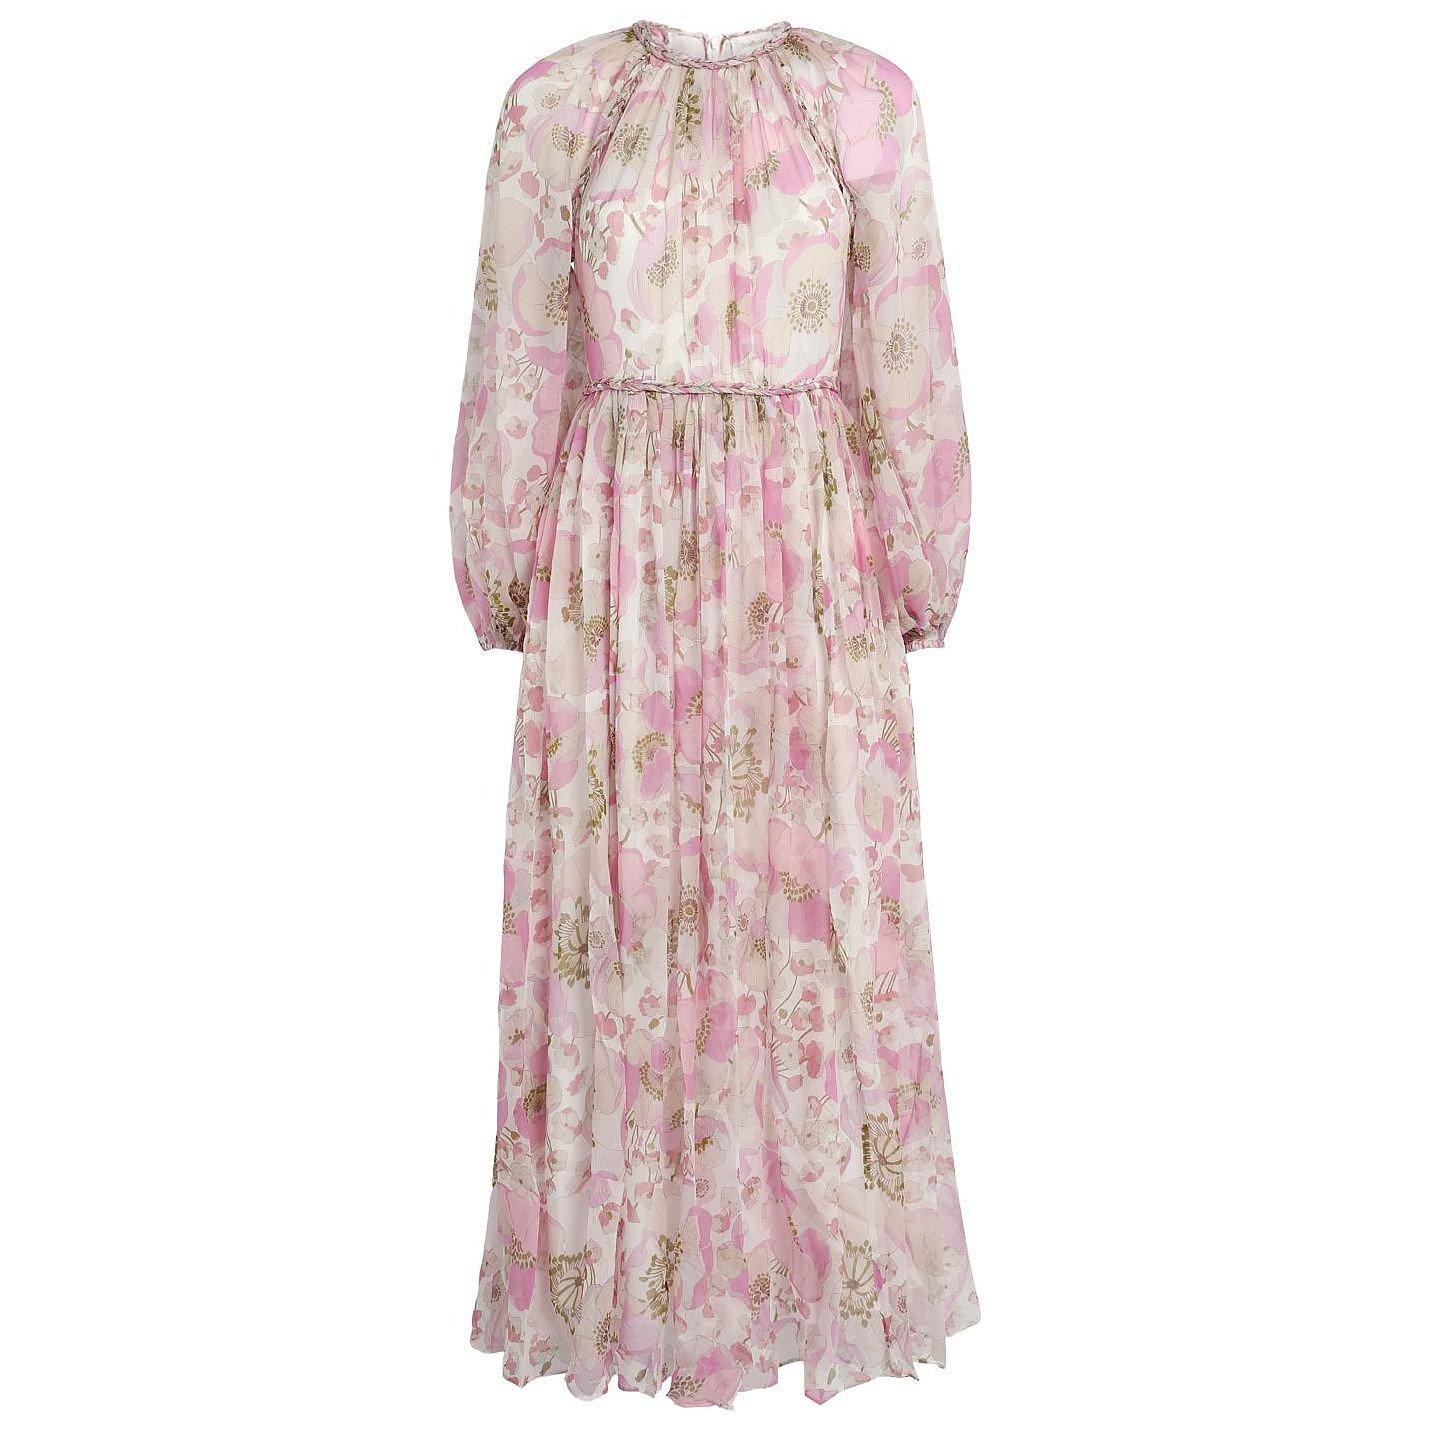 ZIMMERMANN Super Eight Floral Dress